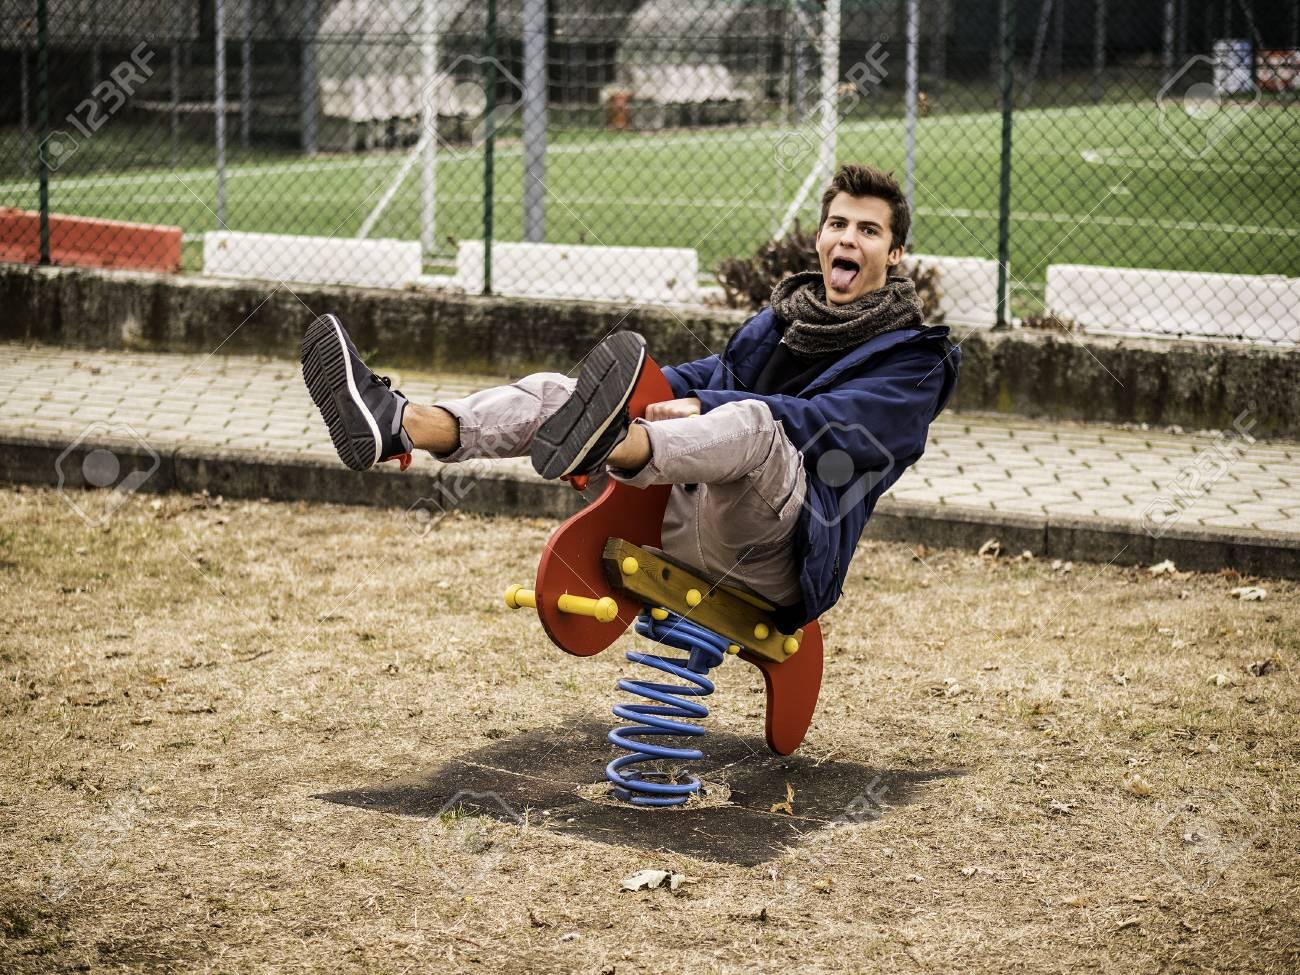 Jeune Homme Revivant Son Enfance Dans Une Aire De Jeux Pour Enfants À  Cheval Sur Un Siège De Printemps Rouge Coloré Avec Un Sourire Heureux Dans  Un avec Jeux Pour Jeunes Enfants